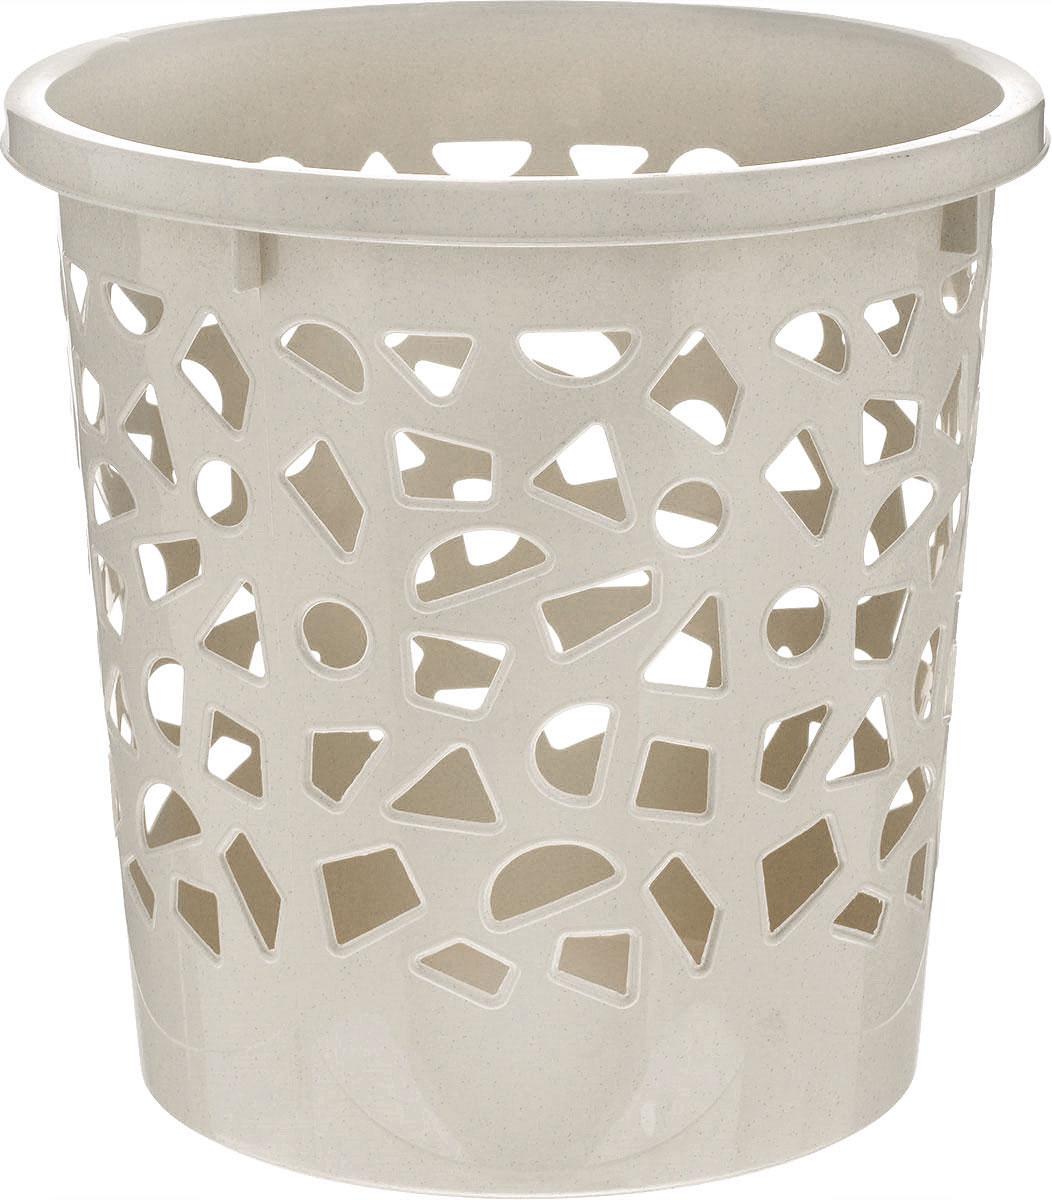 Корзина для мусора Бытпласт, цвет: серо-бежевый, высота 26 смС12431Корзина для мусора Бытпласт, изготовлена из высококачественного пластика. Вы можете использовать ее для выбрасывания разных пищевых и не пищевых отходов. Корзина имеет отверстия на стенках и сплошное дно. Корзина для мусора поможет содержать ваше рабочее место в порядке. Диаметр (по верхнему краю): 26 см. Высота: 26 см.